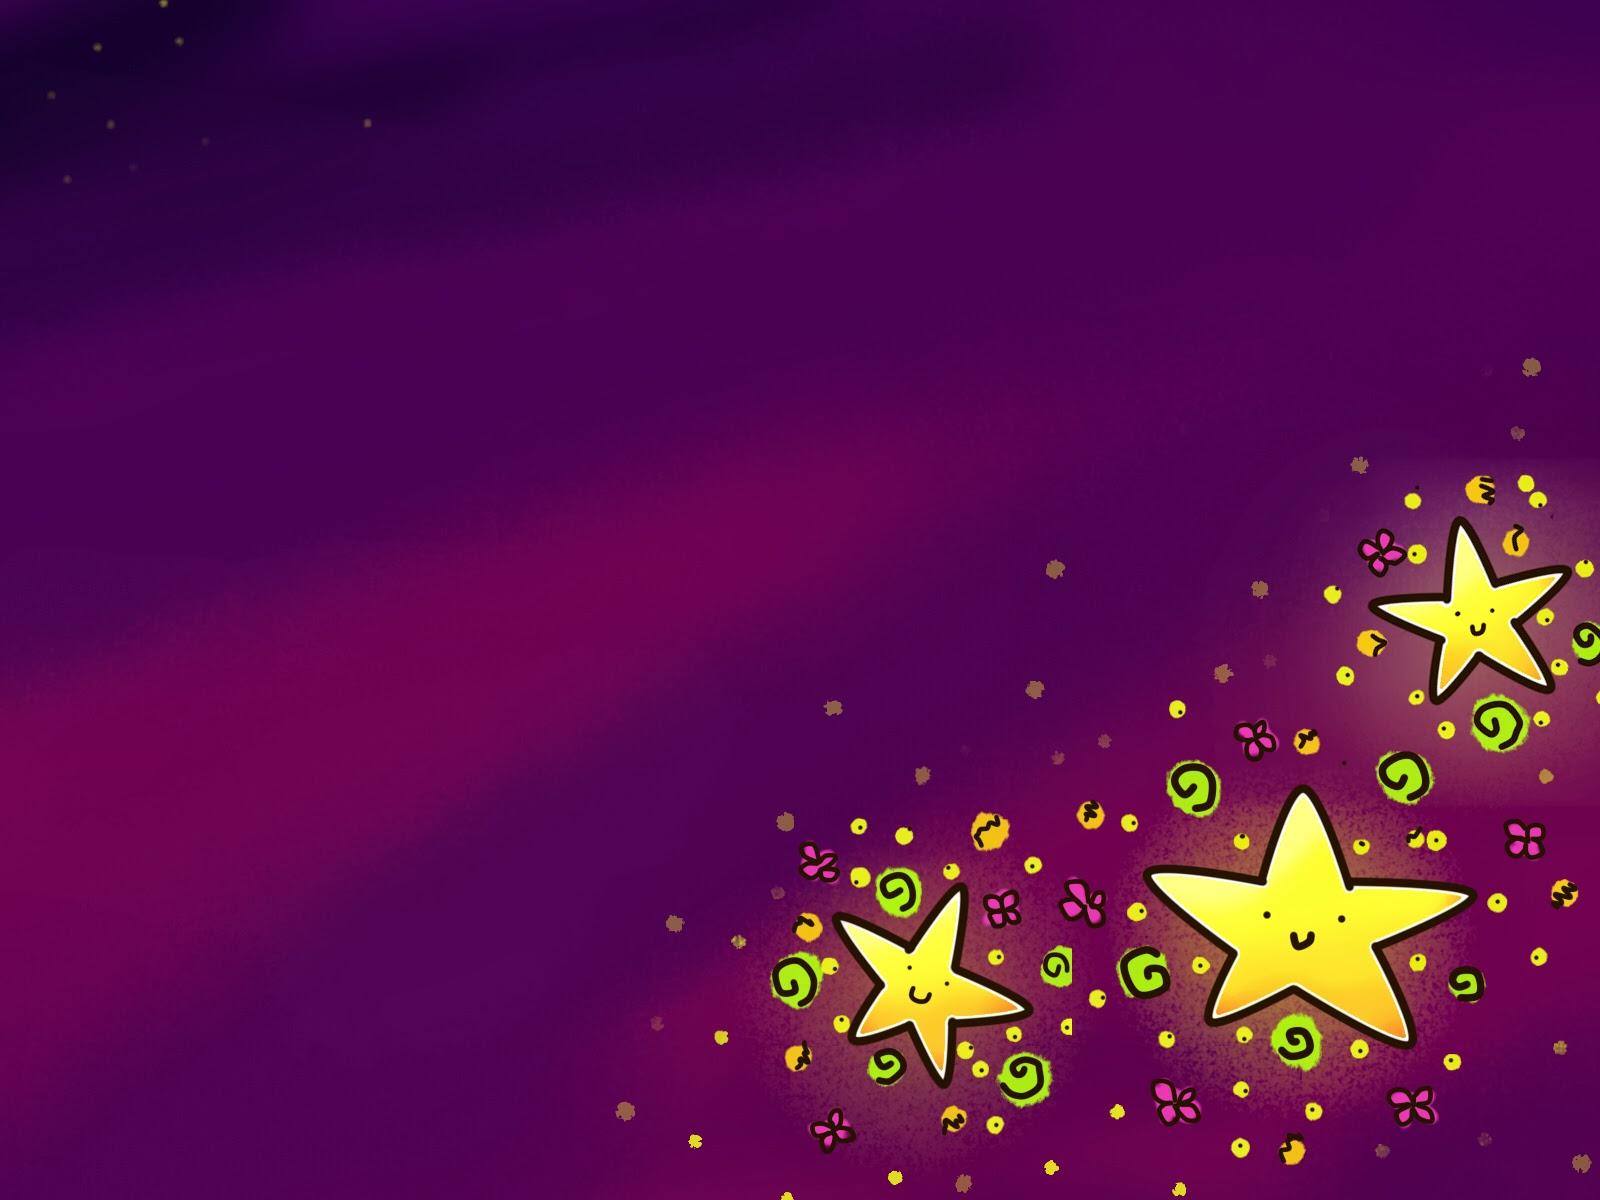 Star wallpaper beautiful free beautiful desktop for Star wallpaper